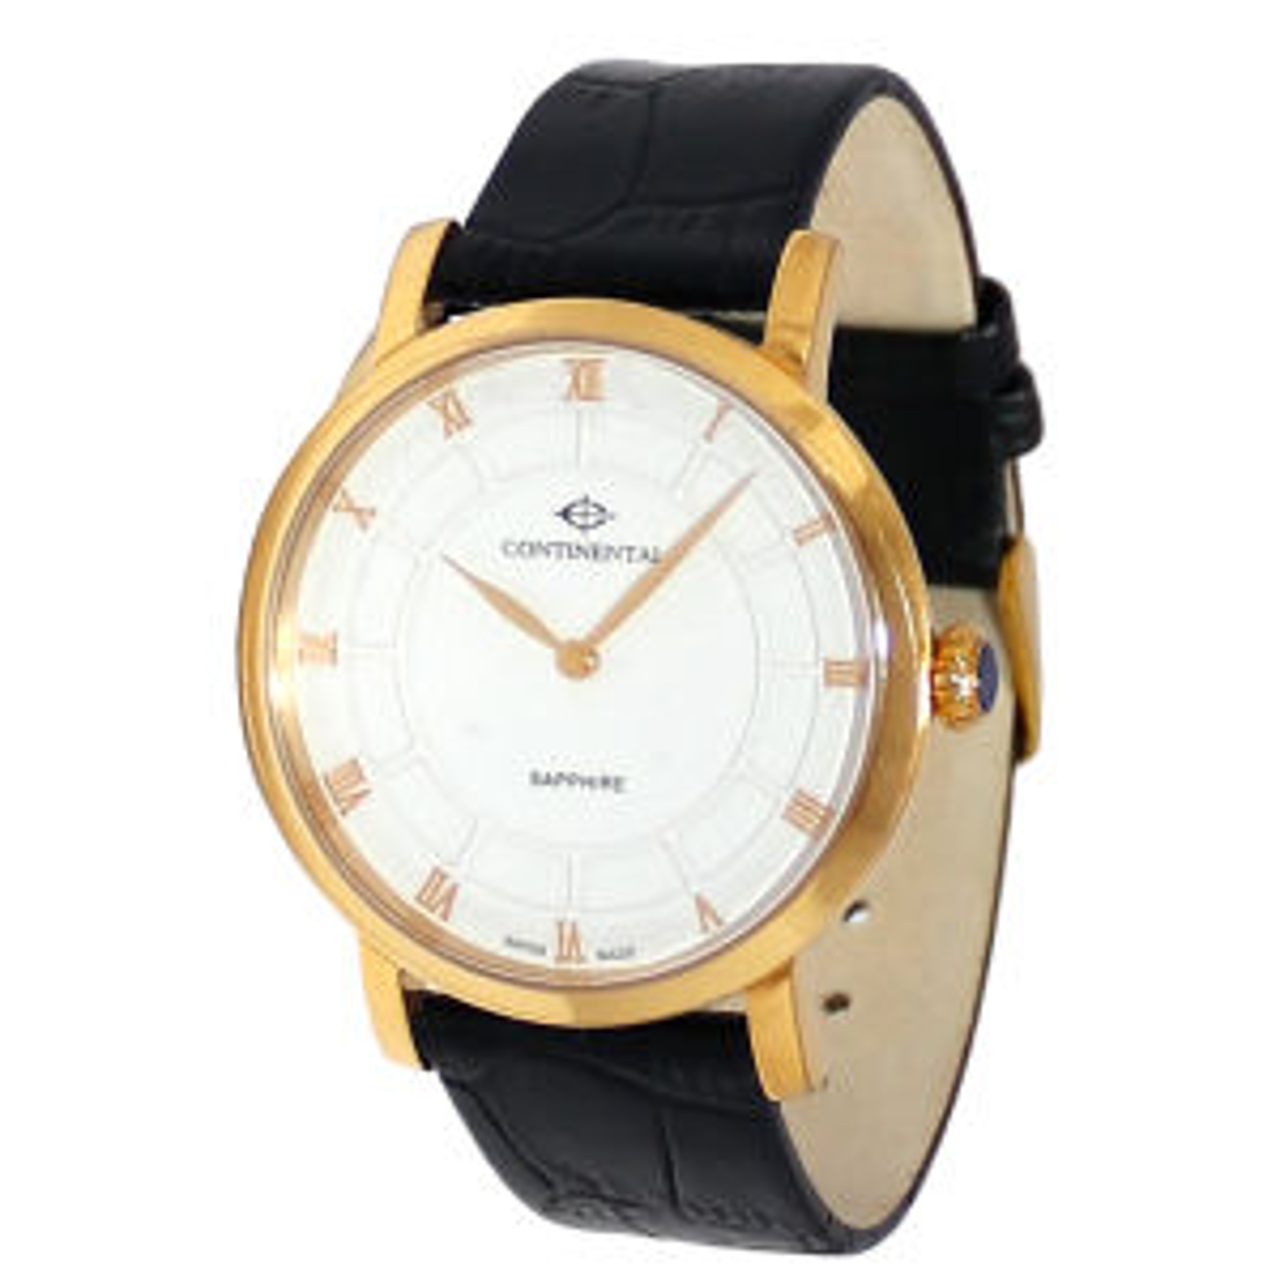 ساعت مچی عقربه ای مردانه کنتیننتال مدل 14202-G157 3